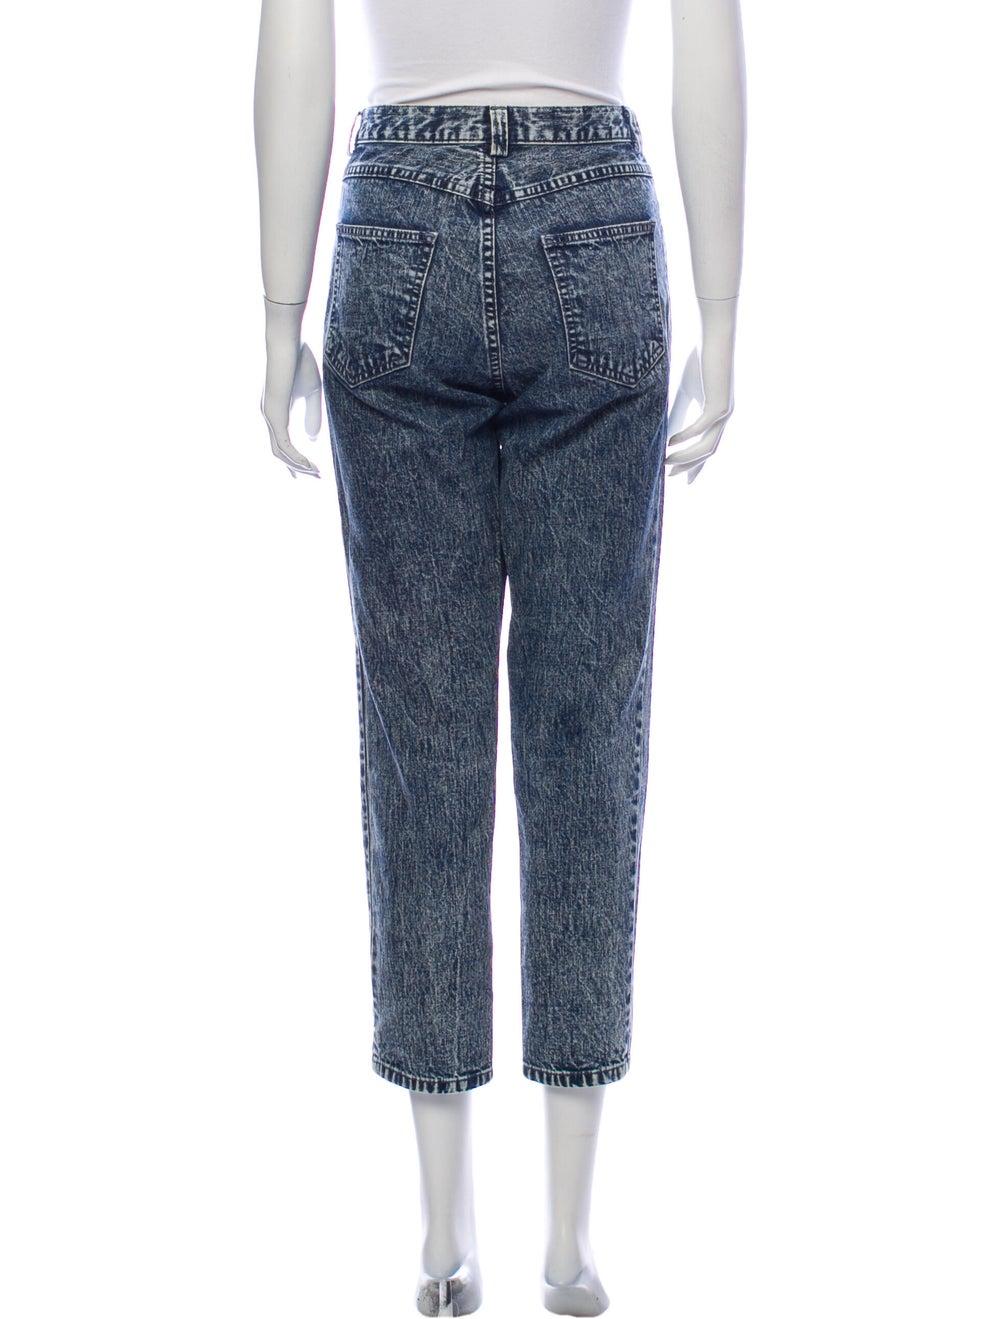 Rachel Comey Mid-Rise Straight Leg Jeans Blue - image 3